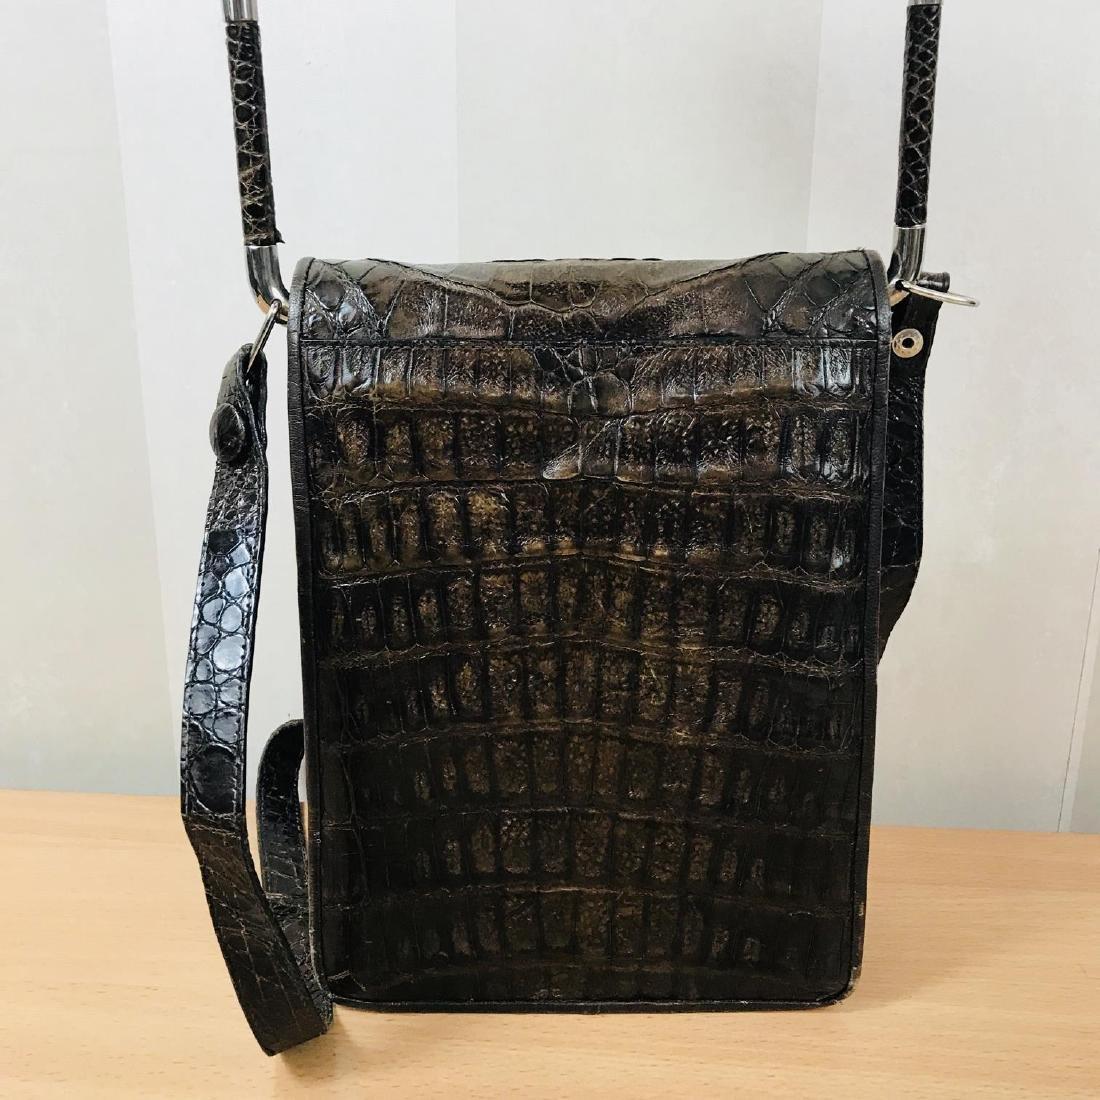 Vintage Brown Crocodile Leather Shoulder Bag / Handbag - 6